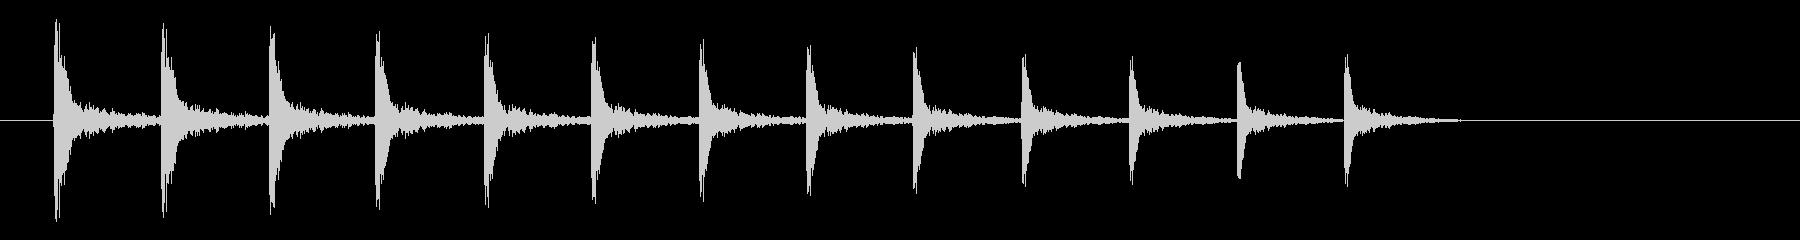 漫画木琴アセンド(遅い)の未再生の波形